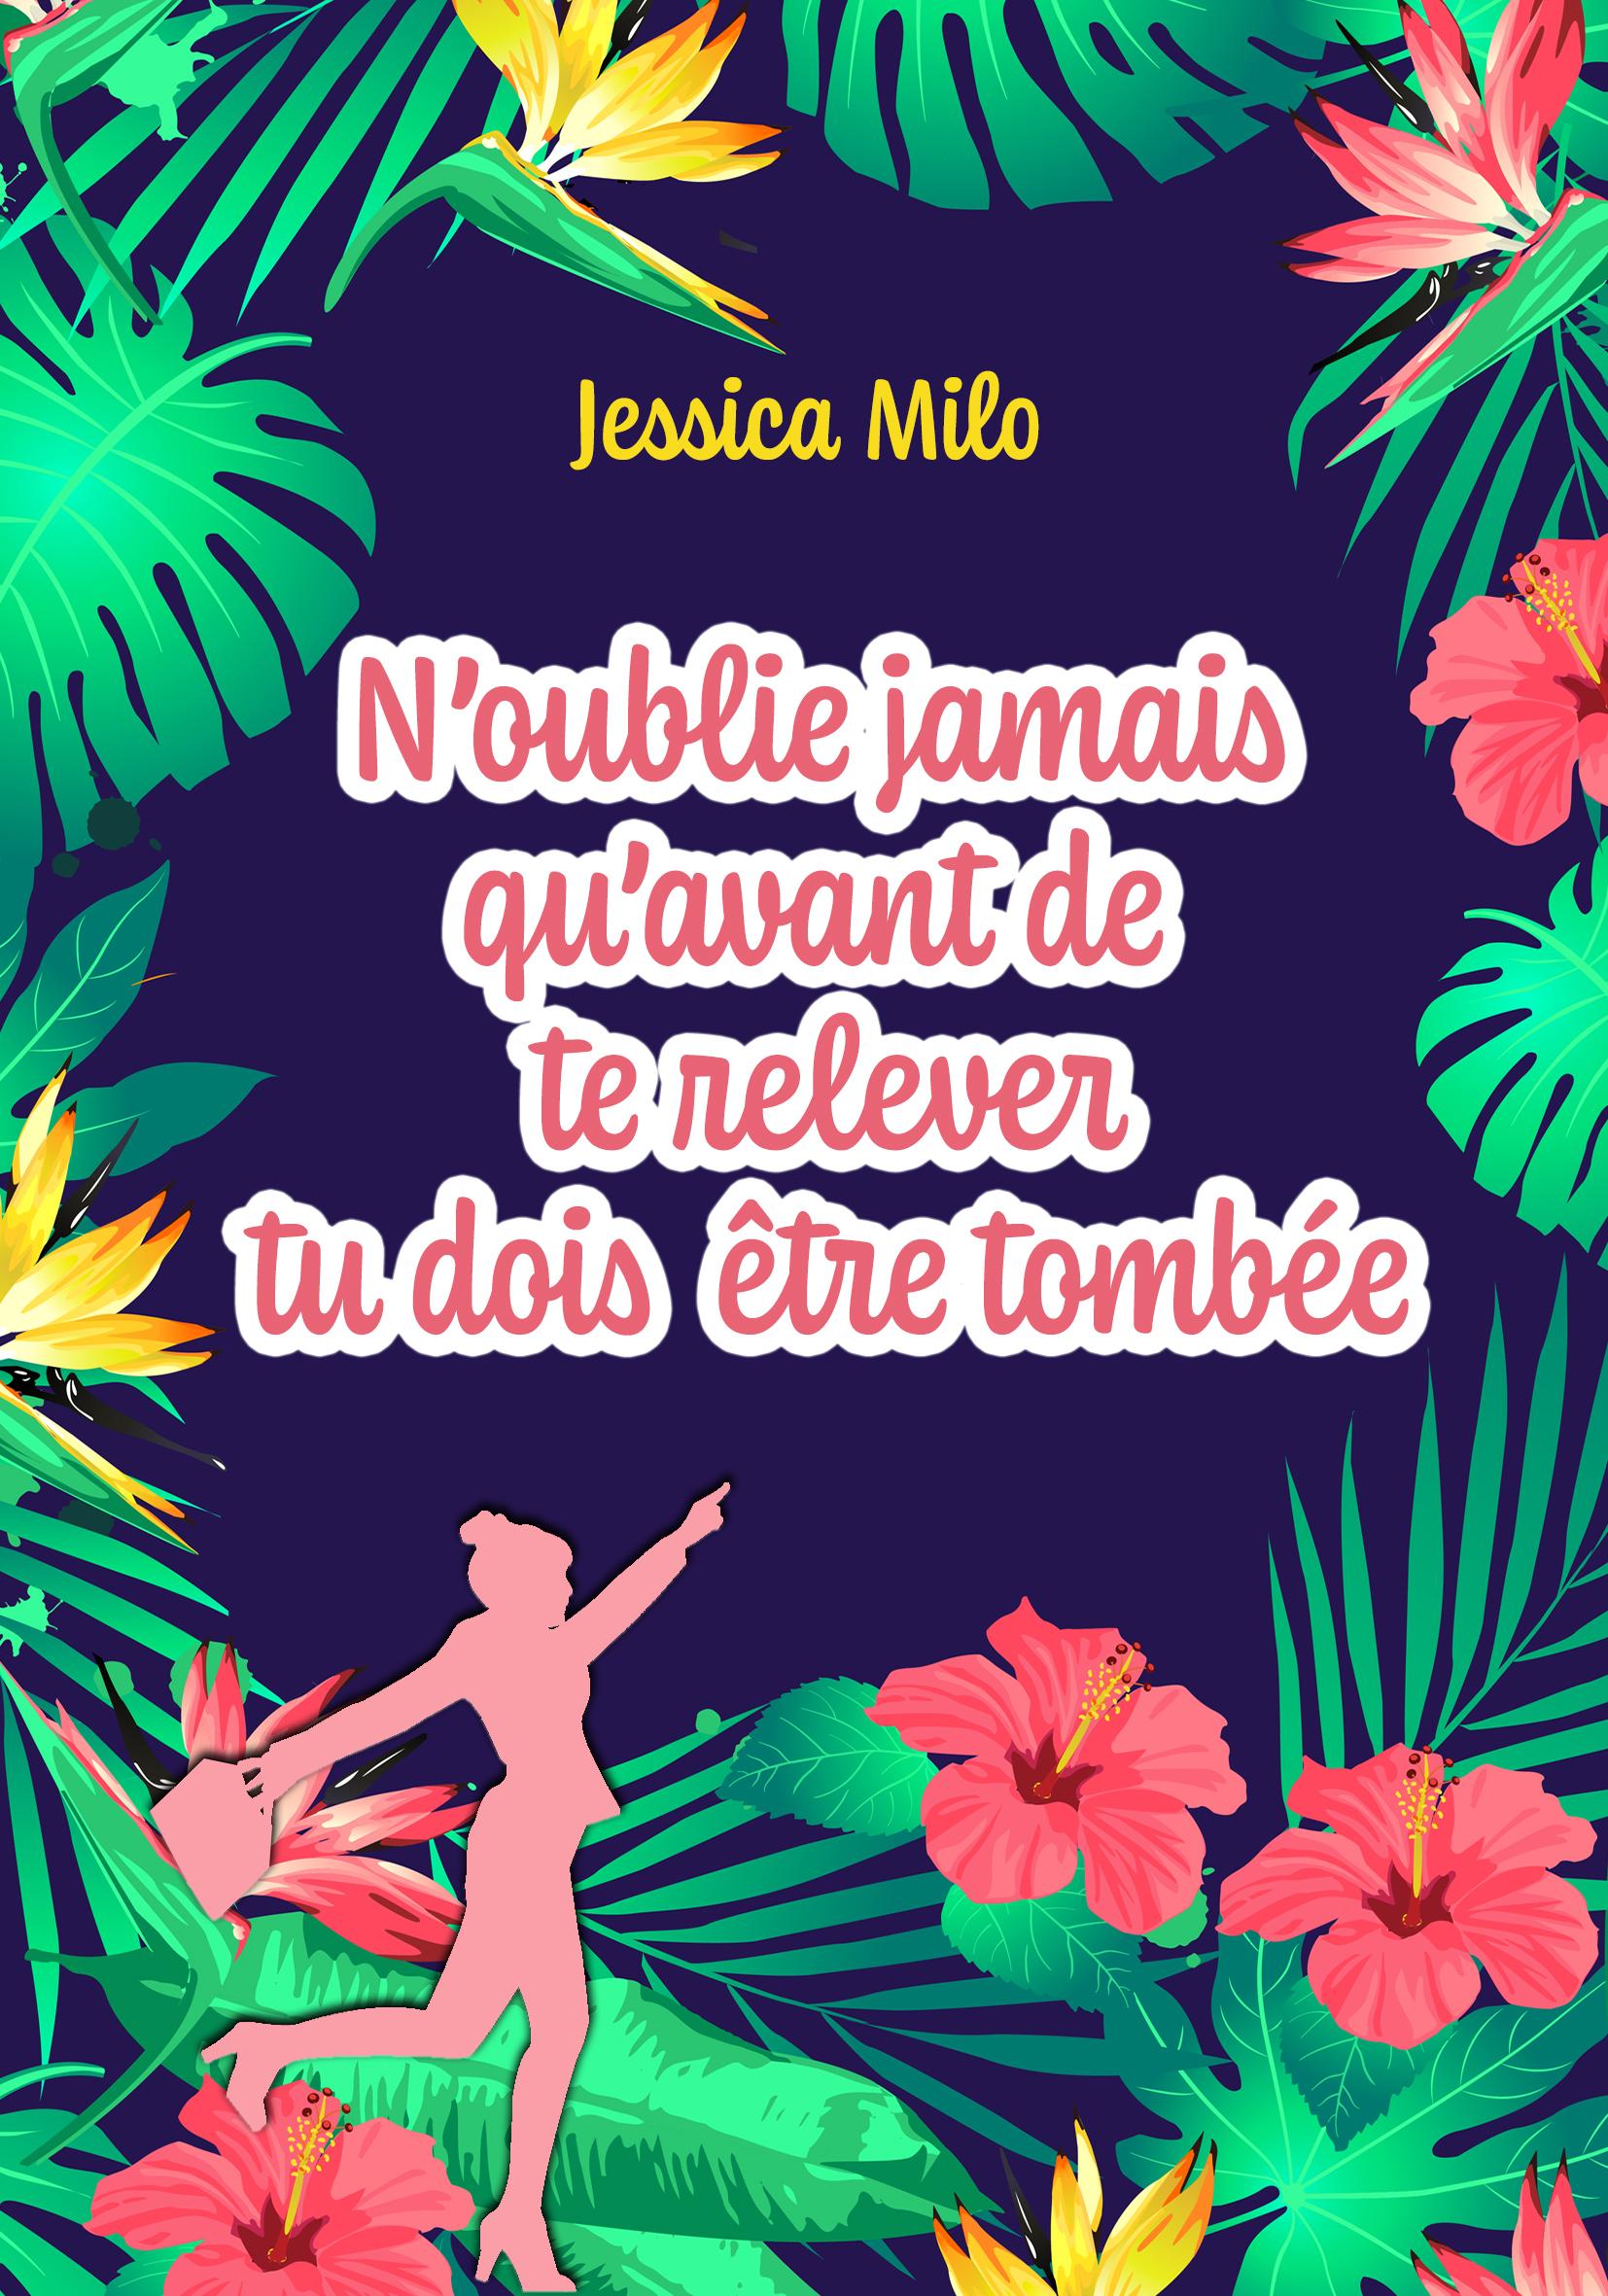 Vignette du livre N'oublie jamais qu'avant de te relever tu dois être tombée - Jessica Milo